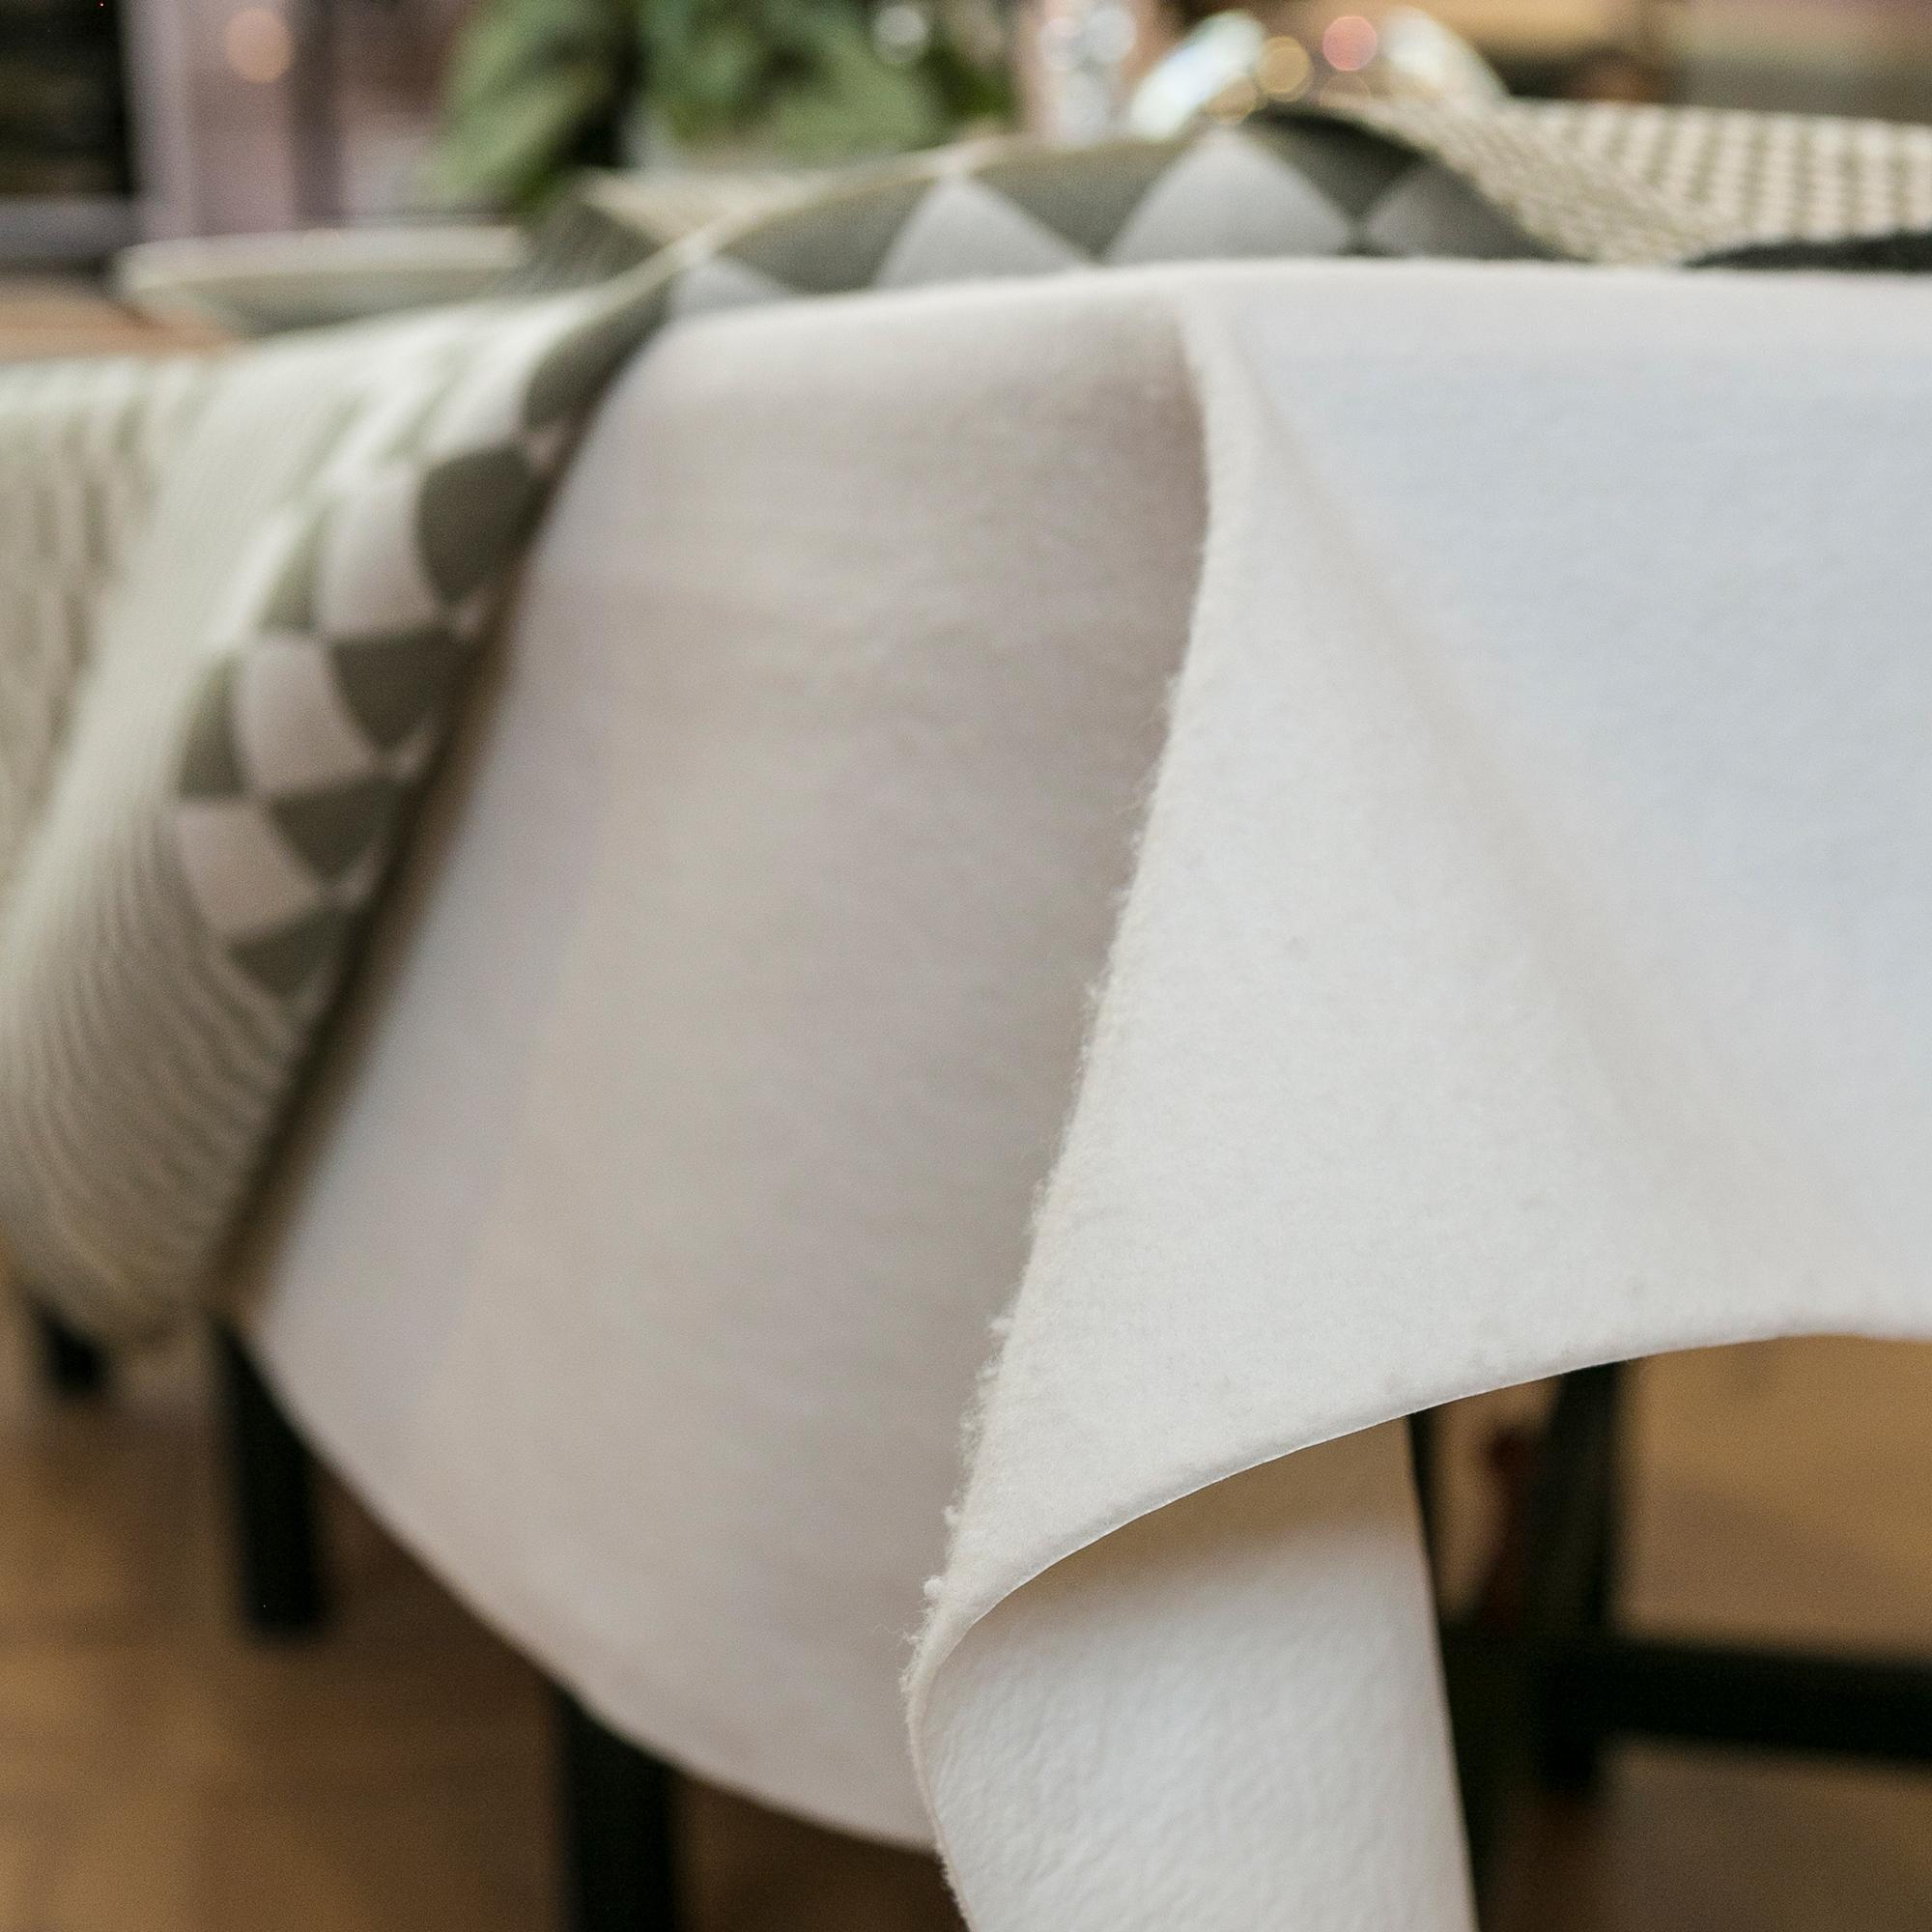 Filtduk att ha mellan bord och linneduk vit 2 Klässbols